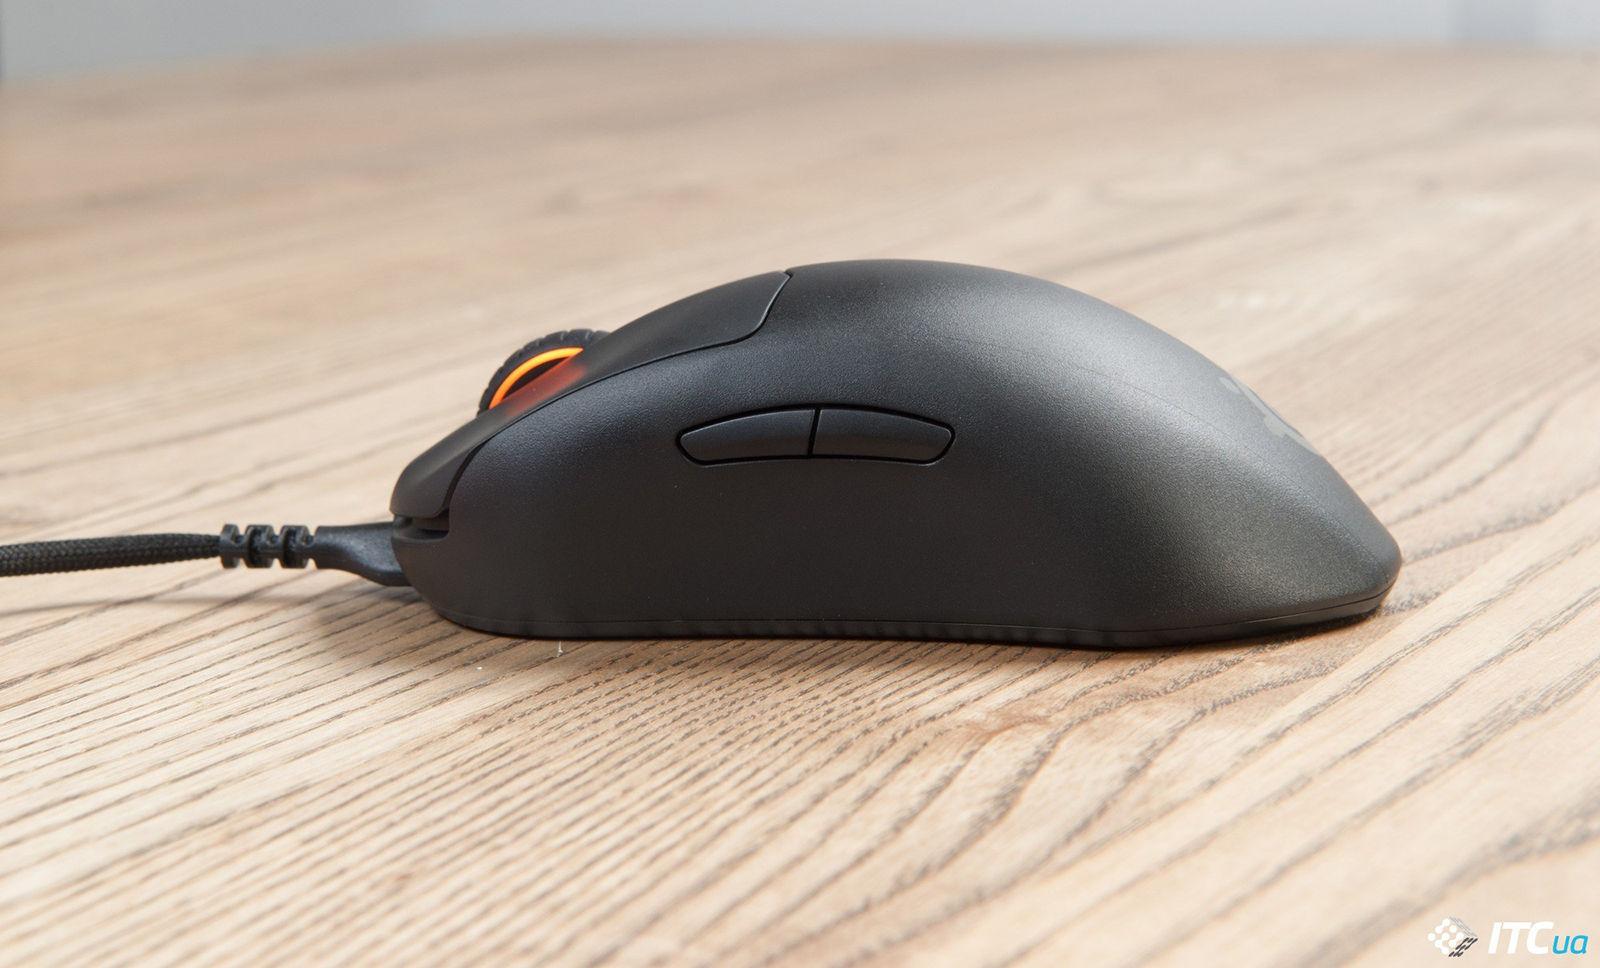 Мышь SteelSeries Prime Plus. Фото 3